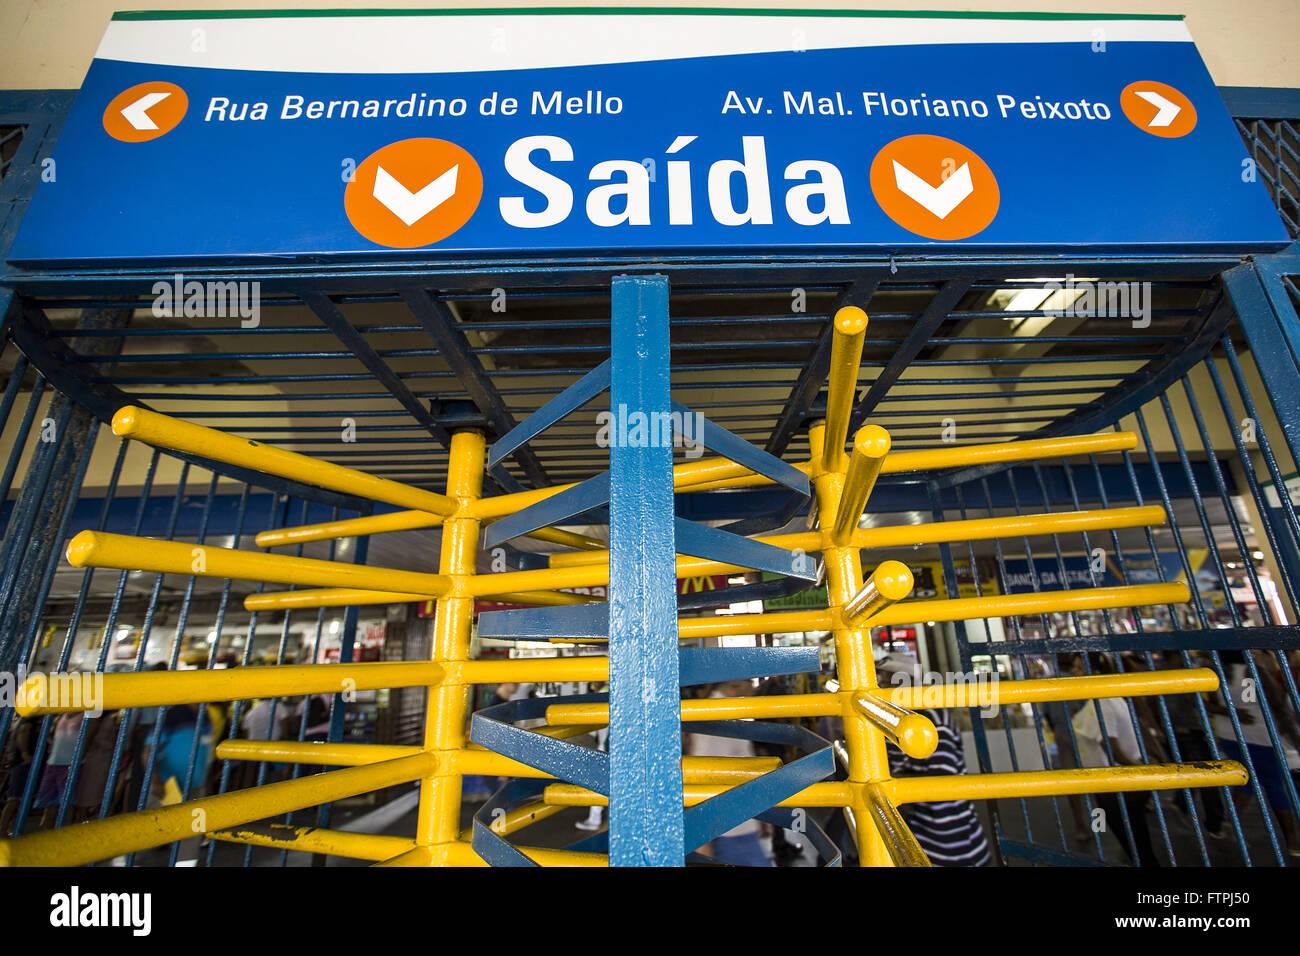 Station platform of the subway exit Nova Iguacu - Stock Image